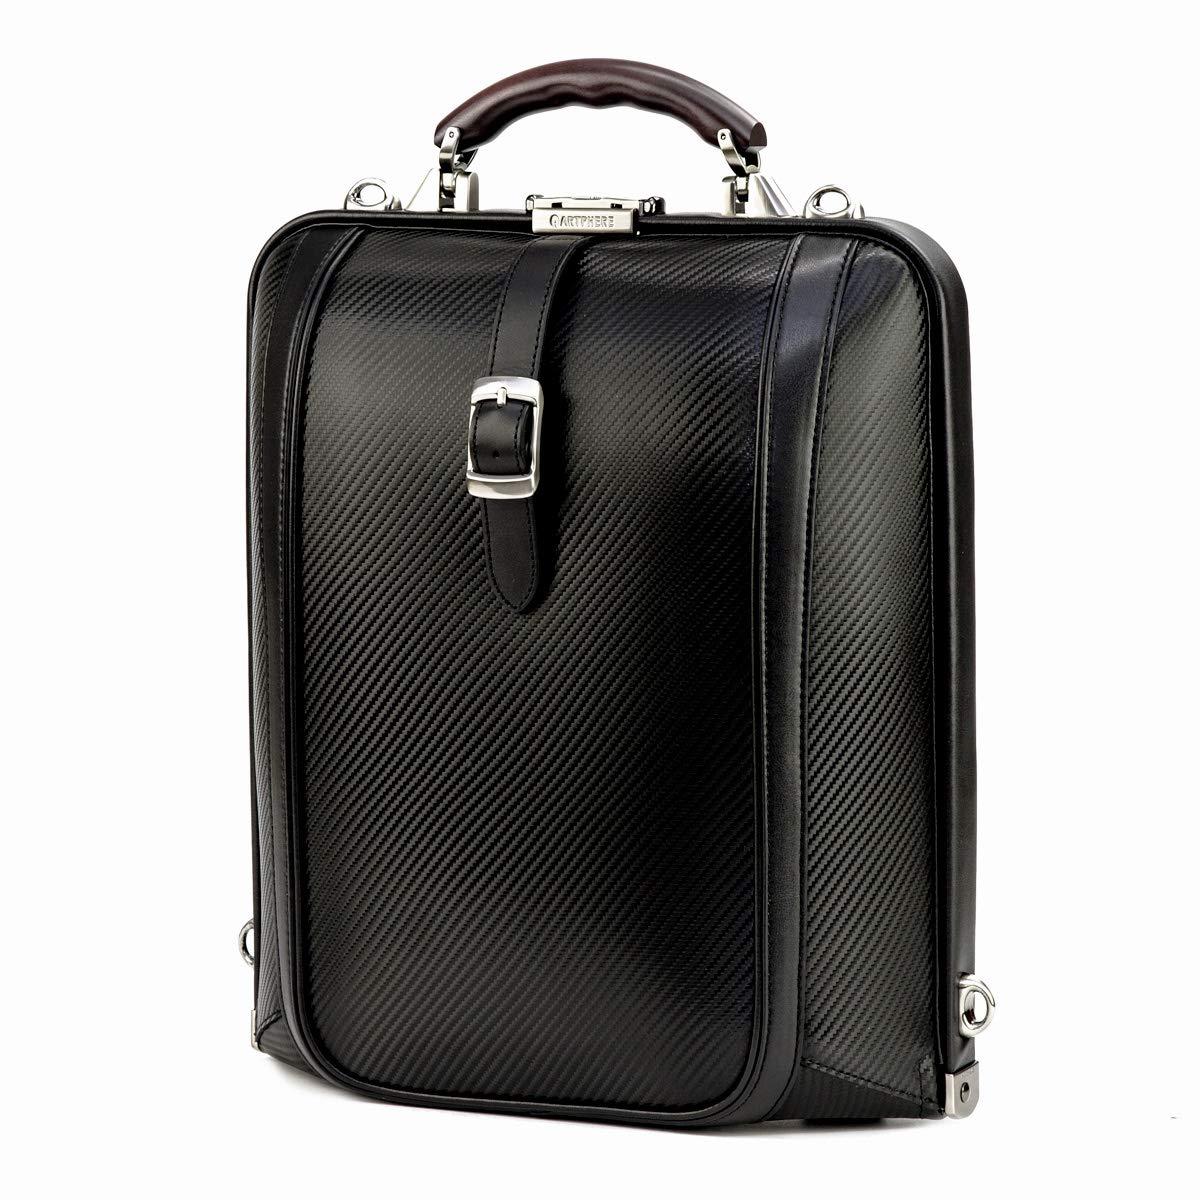 [アートフィアー] ダレスバッグ ニューダレス テック 豊岡鞄 牛革 カーボン メンズ DS4-TE  1.ブラック B076HG51PL